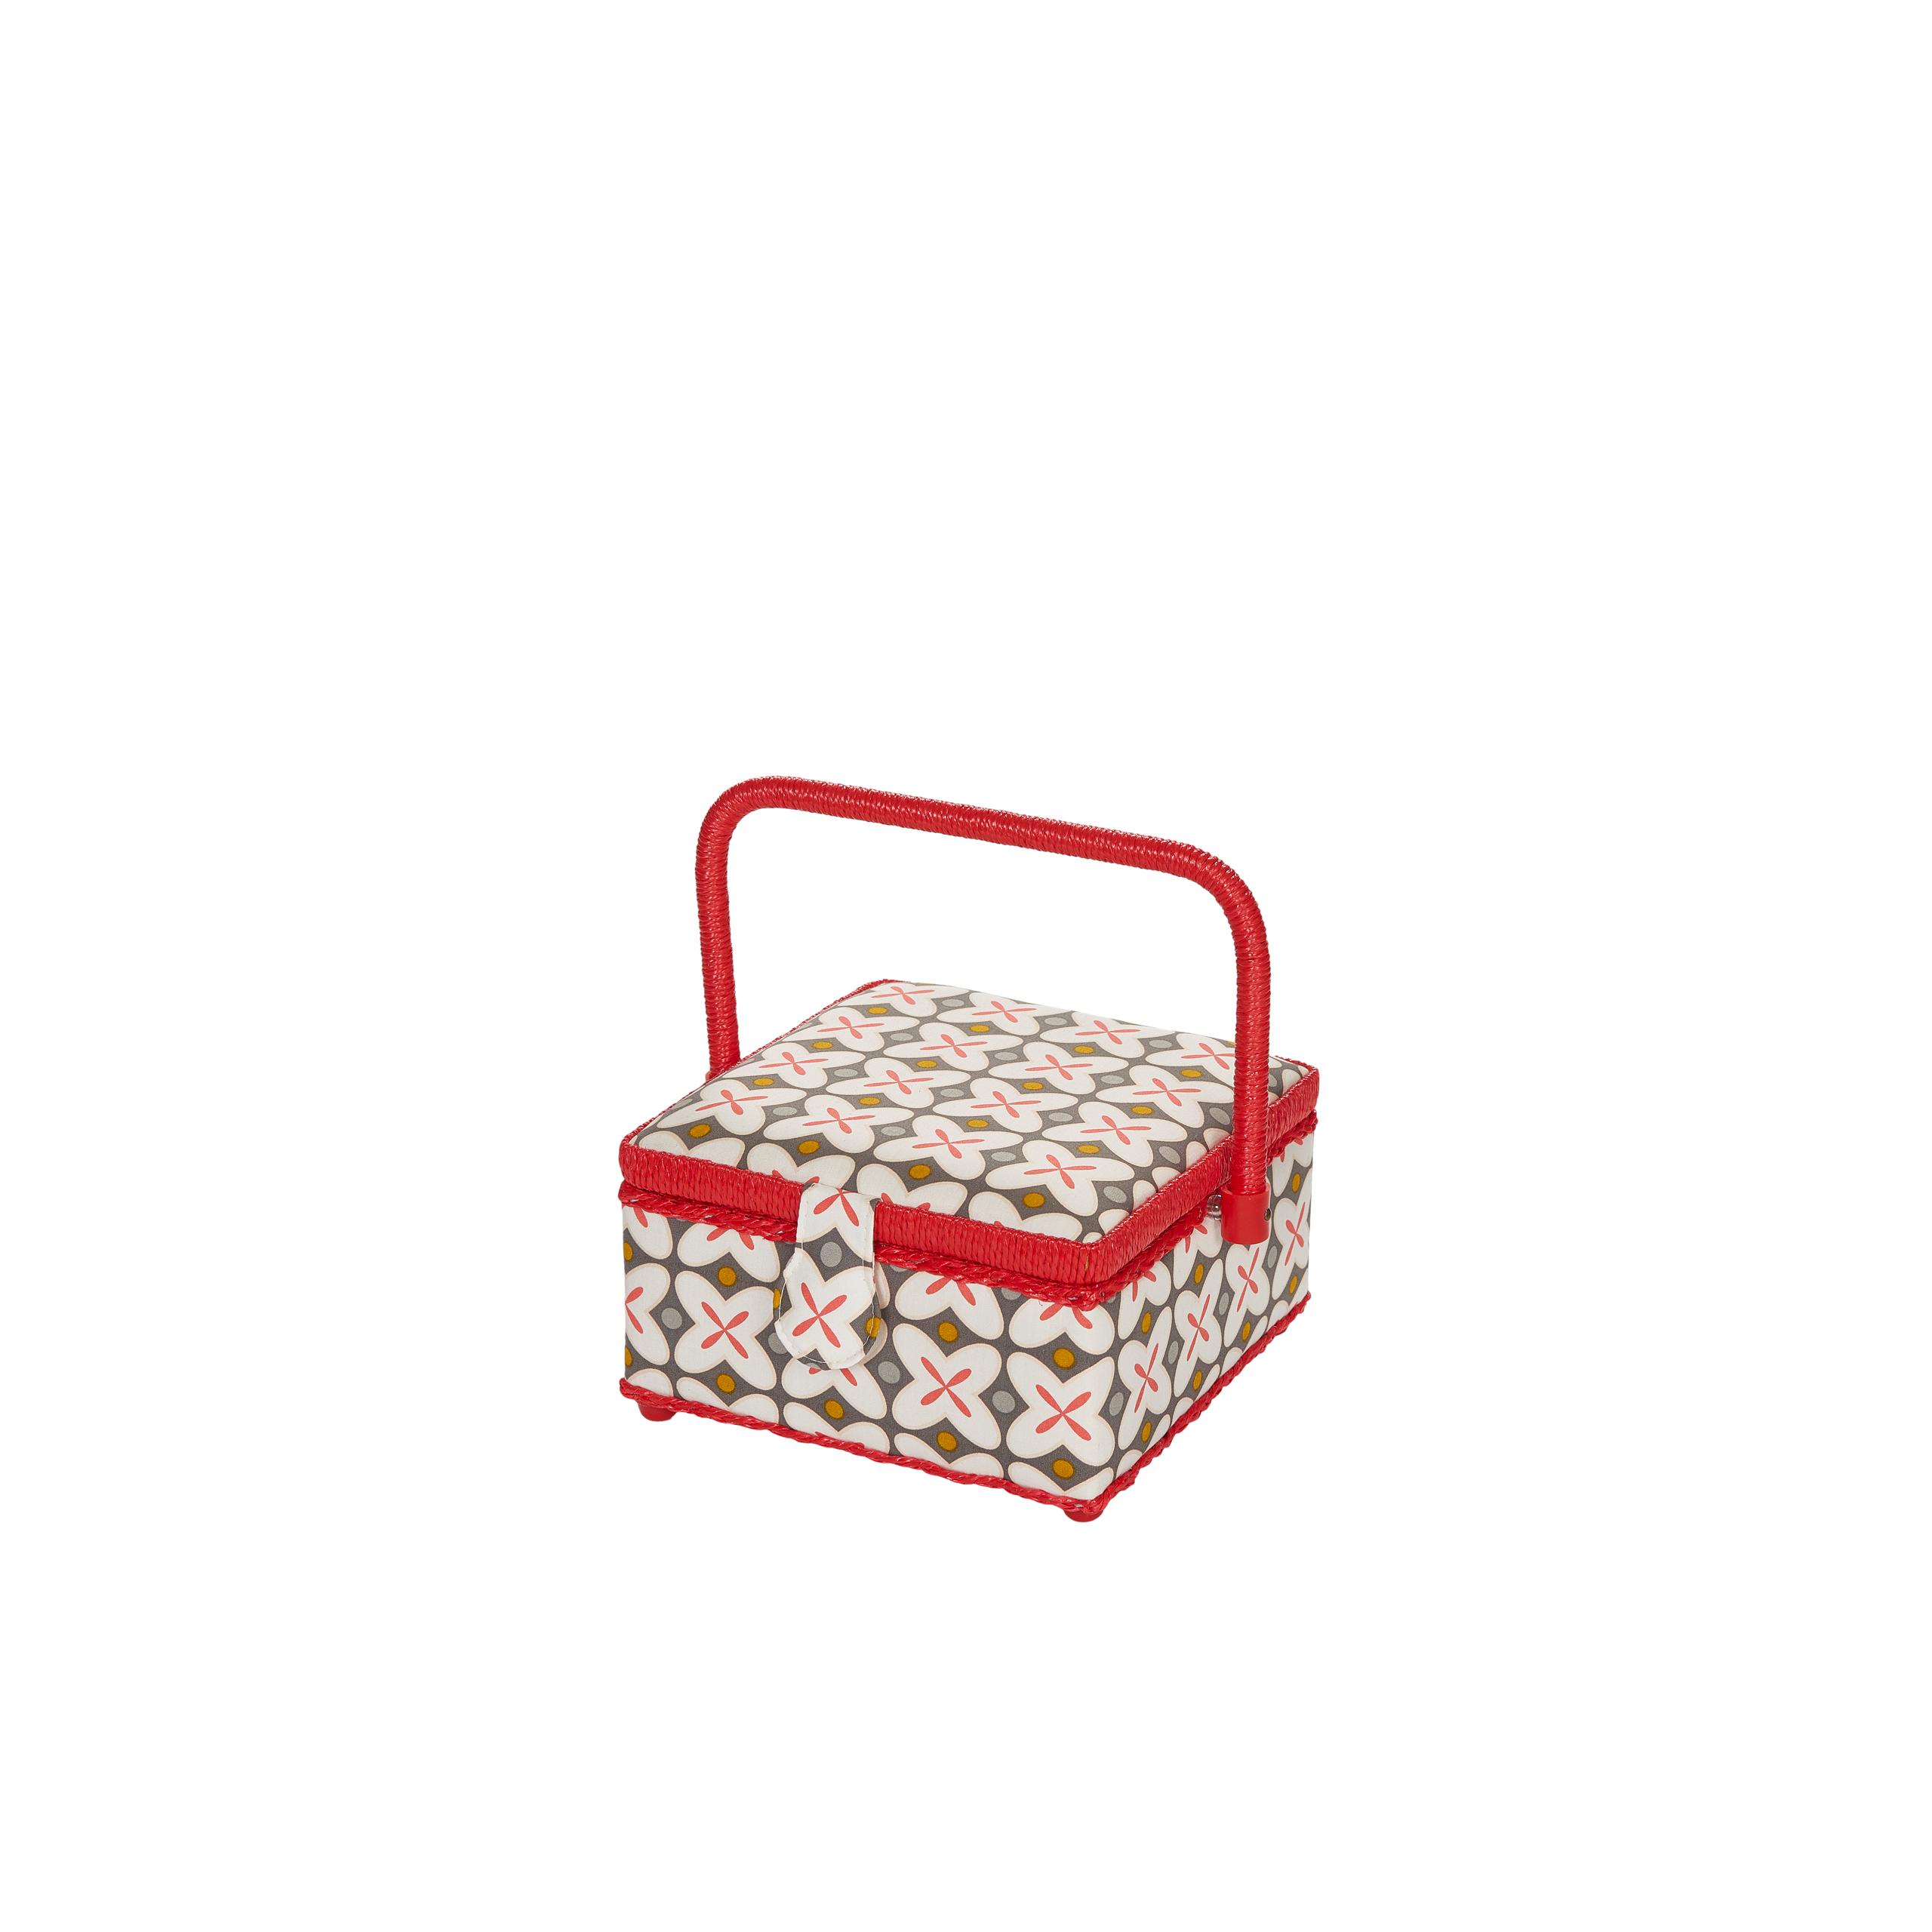 kazeta - košík na šicí potřeby M Retro rot-1